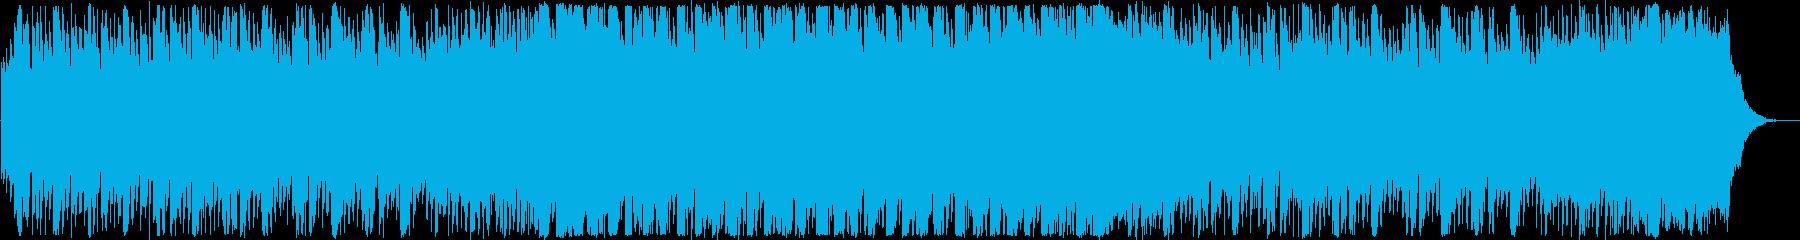 おしゃれな洋楽EDMの再生済みの波形